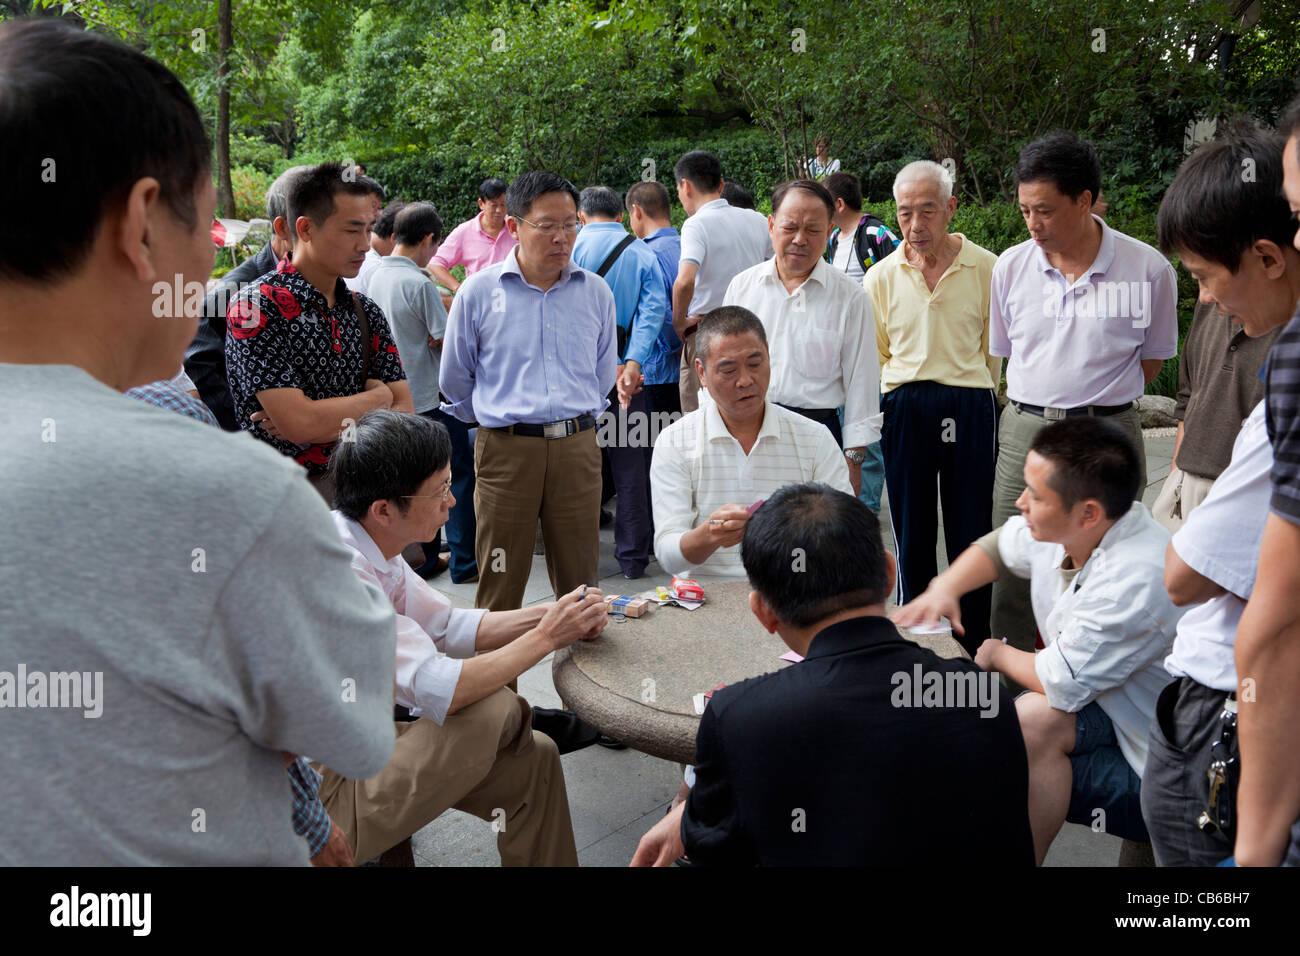 Les hommes chinois cartes à jouer dans People's Park, Shanghai, Chine, République populaire de Chine, Photo Stock